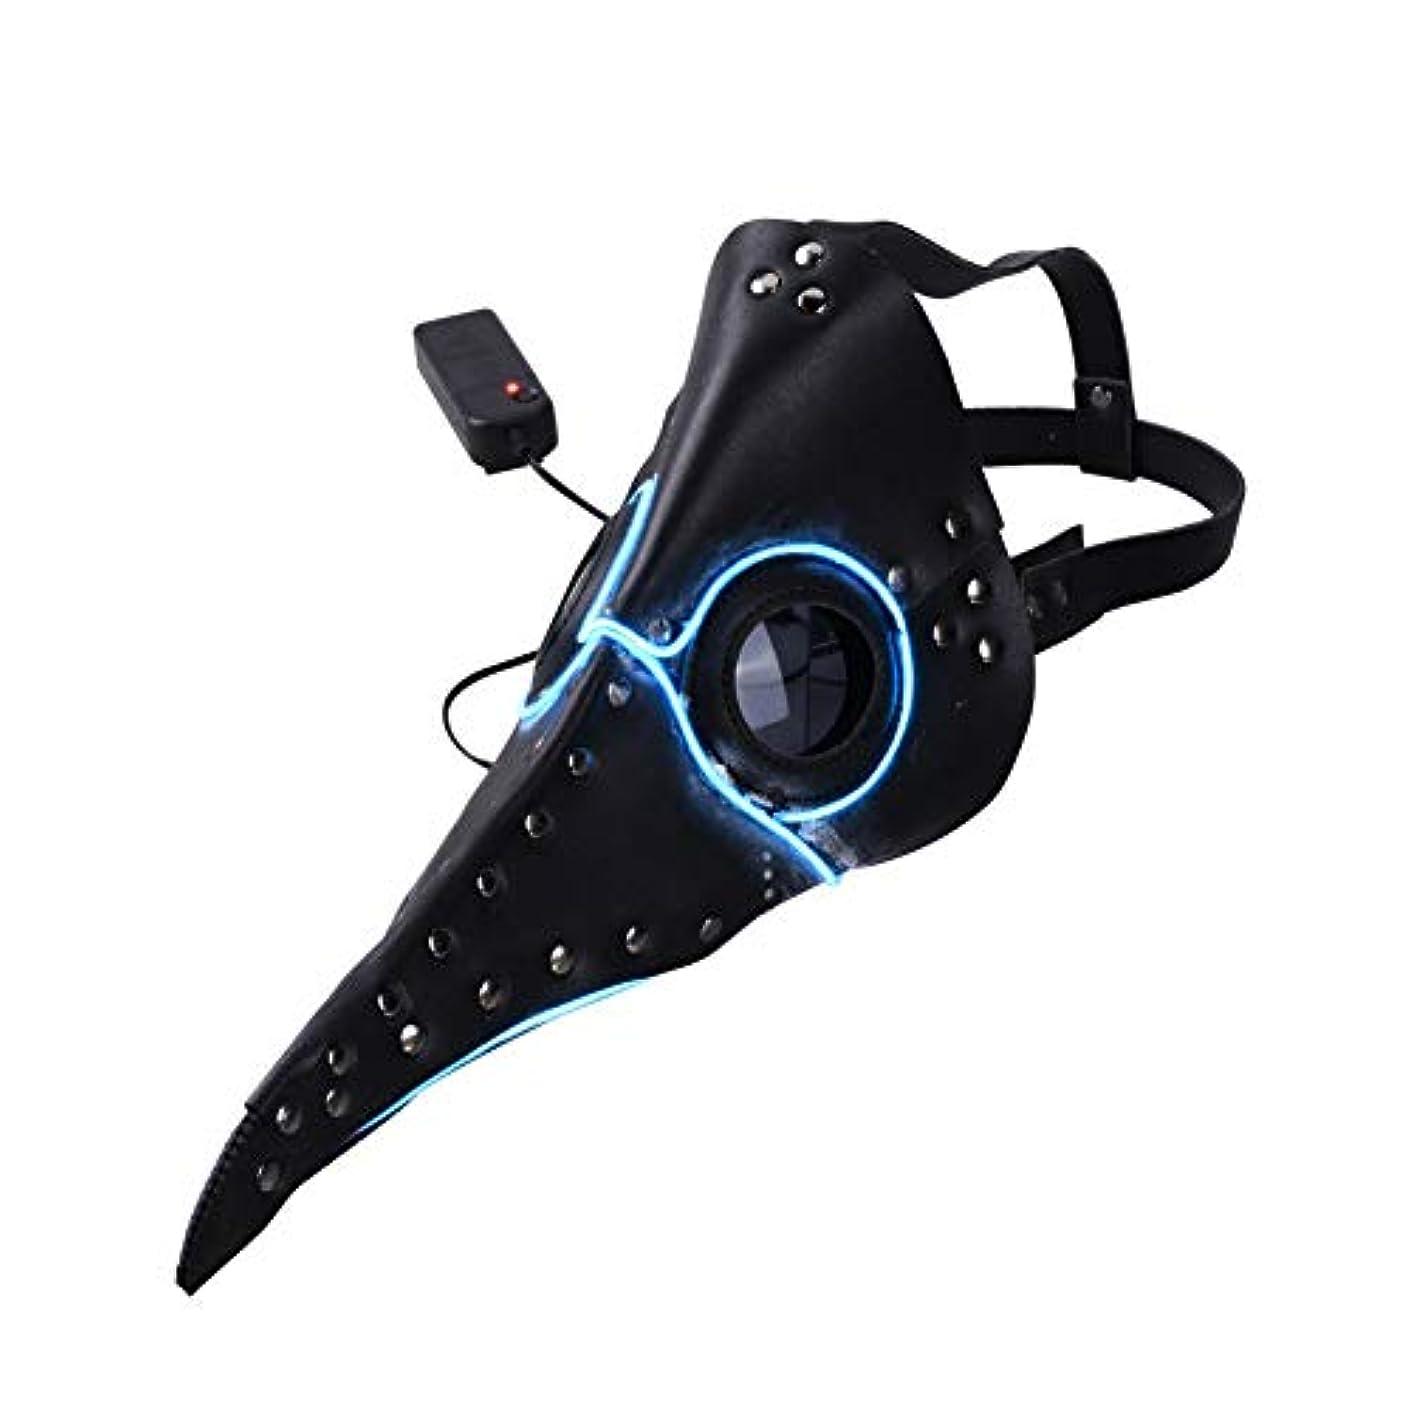 テーブル議会石Esolom LEDが点灯 ペストドクターマスク ロングノーズマスク くちばし ハロウィンデコレーション ゴシックロールプレイング カーニバル衣装小道具